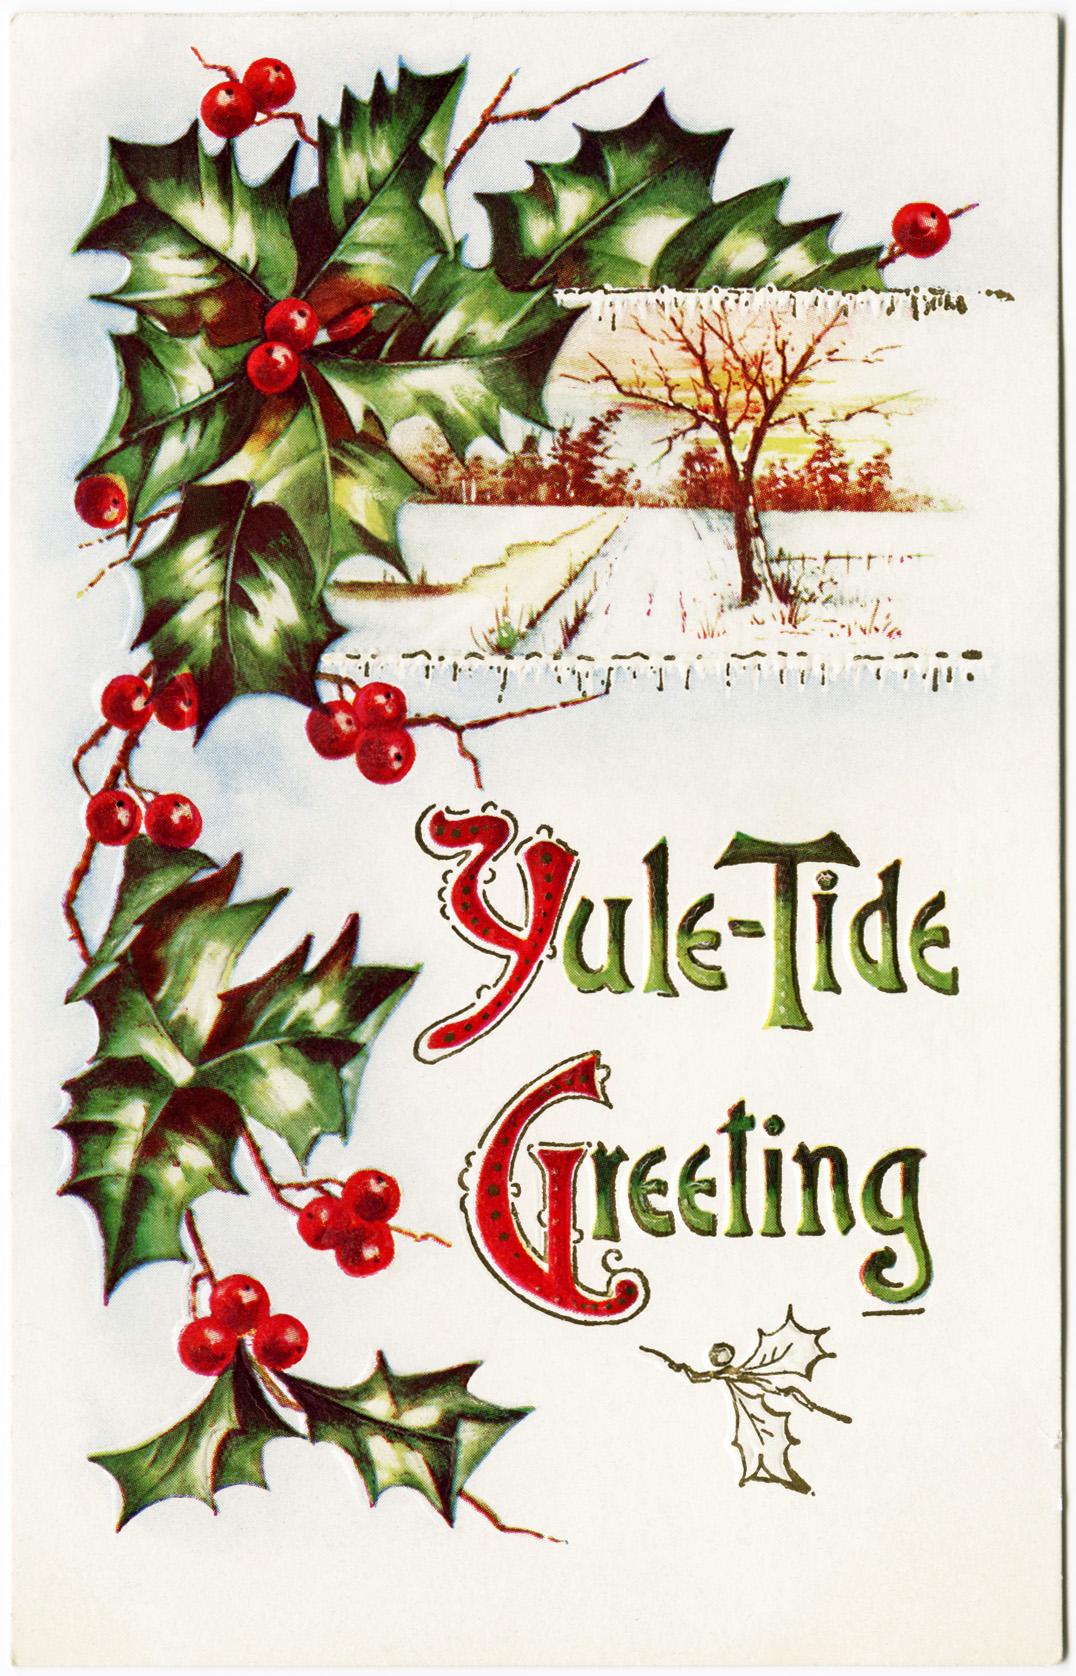 Free vintage postcard image yule tide greeting old design shop blog free vintage clip art christmas postcard holly berries yule tide greeting kristyandbryce Choice Image